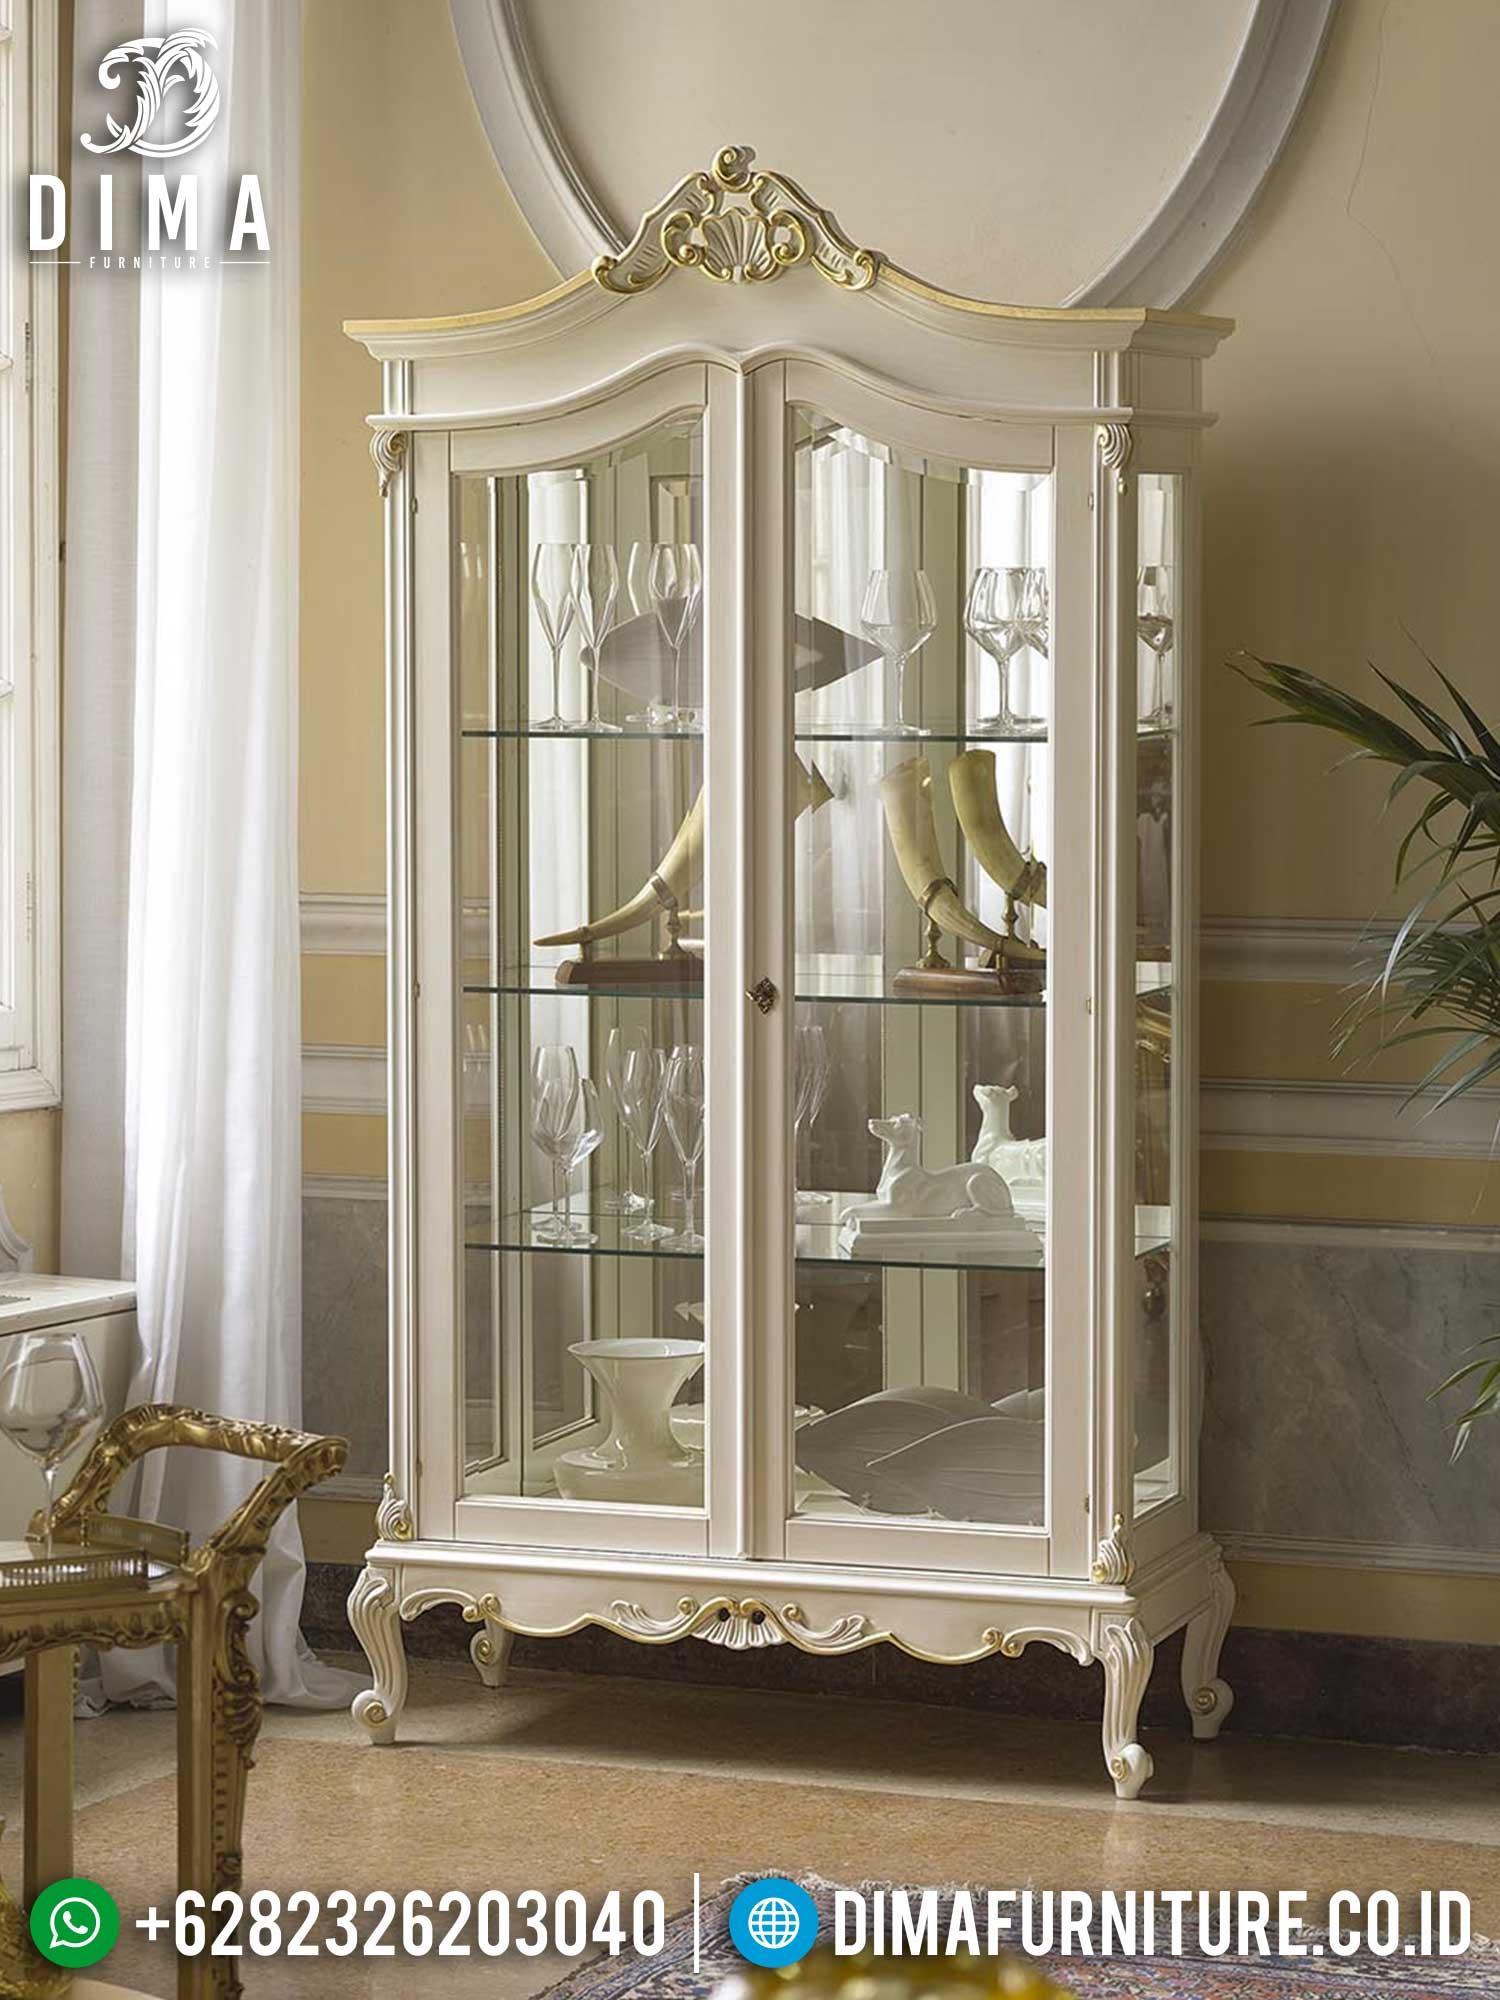 Best Seller Lemari Pajangan Kaca Mewah Ukiran Jepara New Luxurious Set Design TTJ-1452